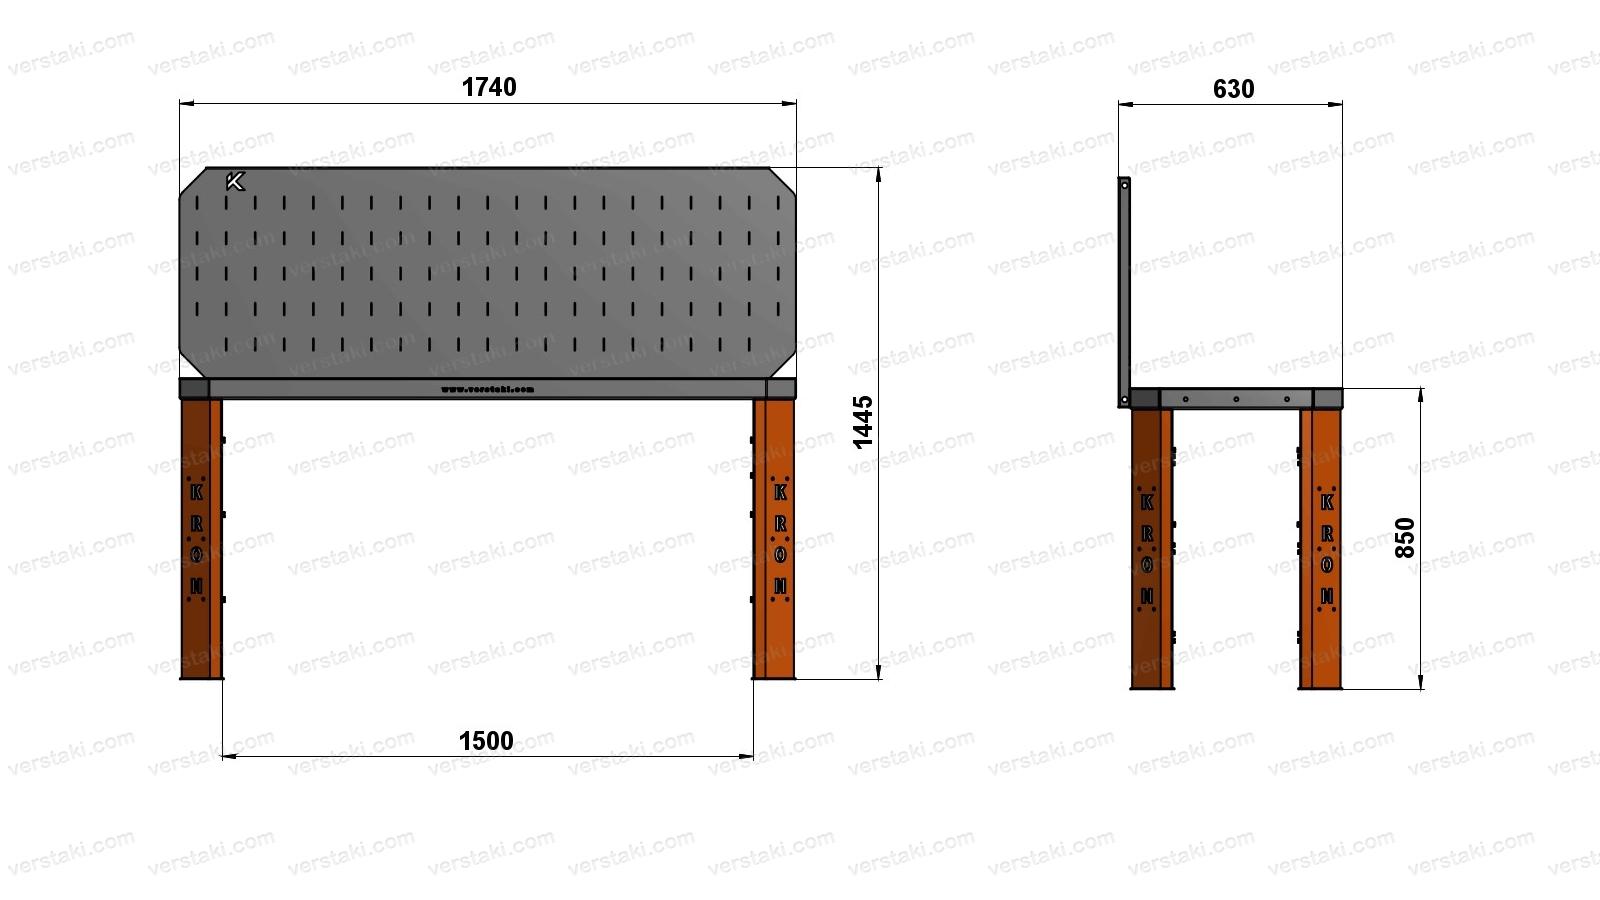 Чертеж слесарного верстака шириной 1740 мм вместе с экраном